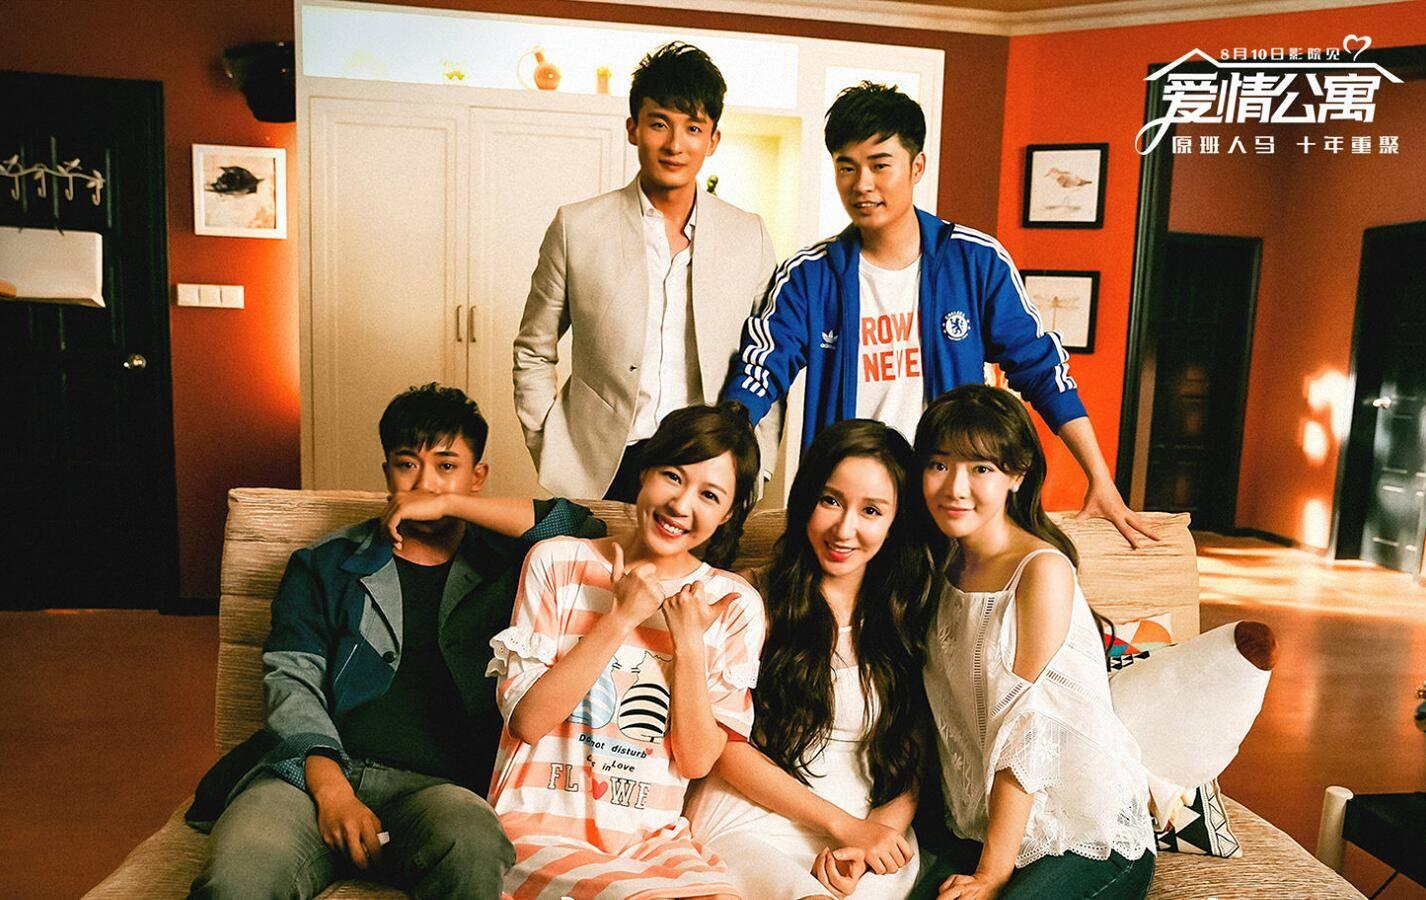 《爱情公寓 第一季》手机在线观看-免费高清完整版-yy4480电影网